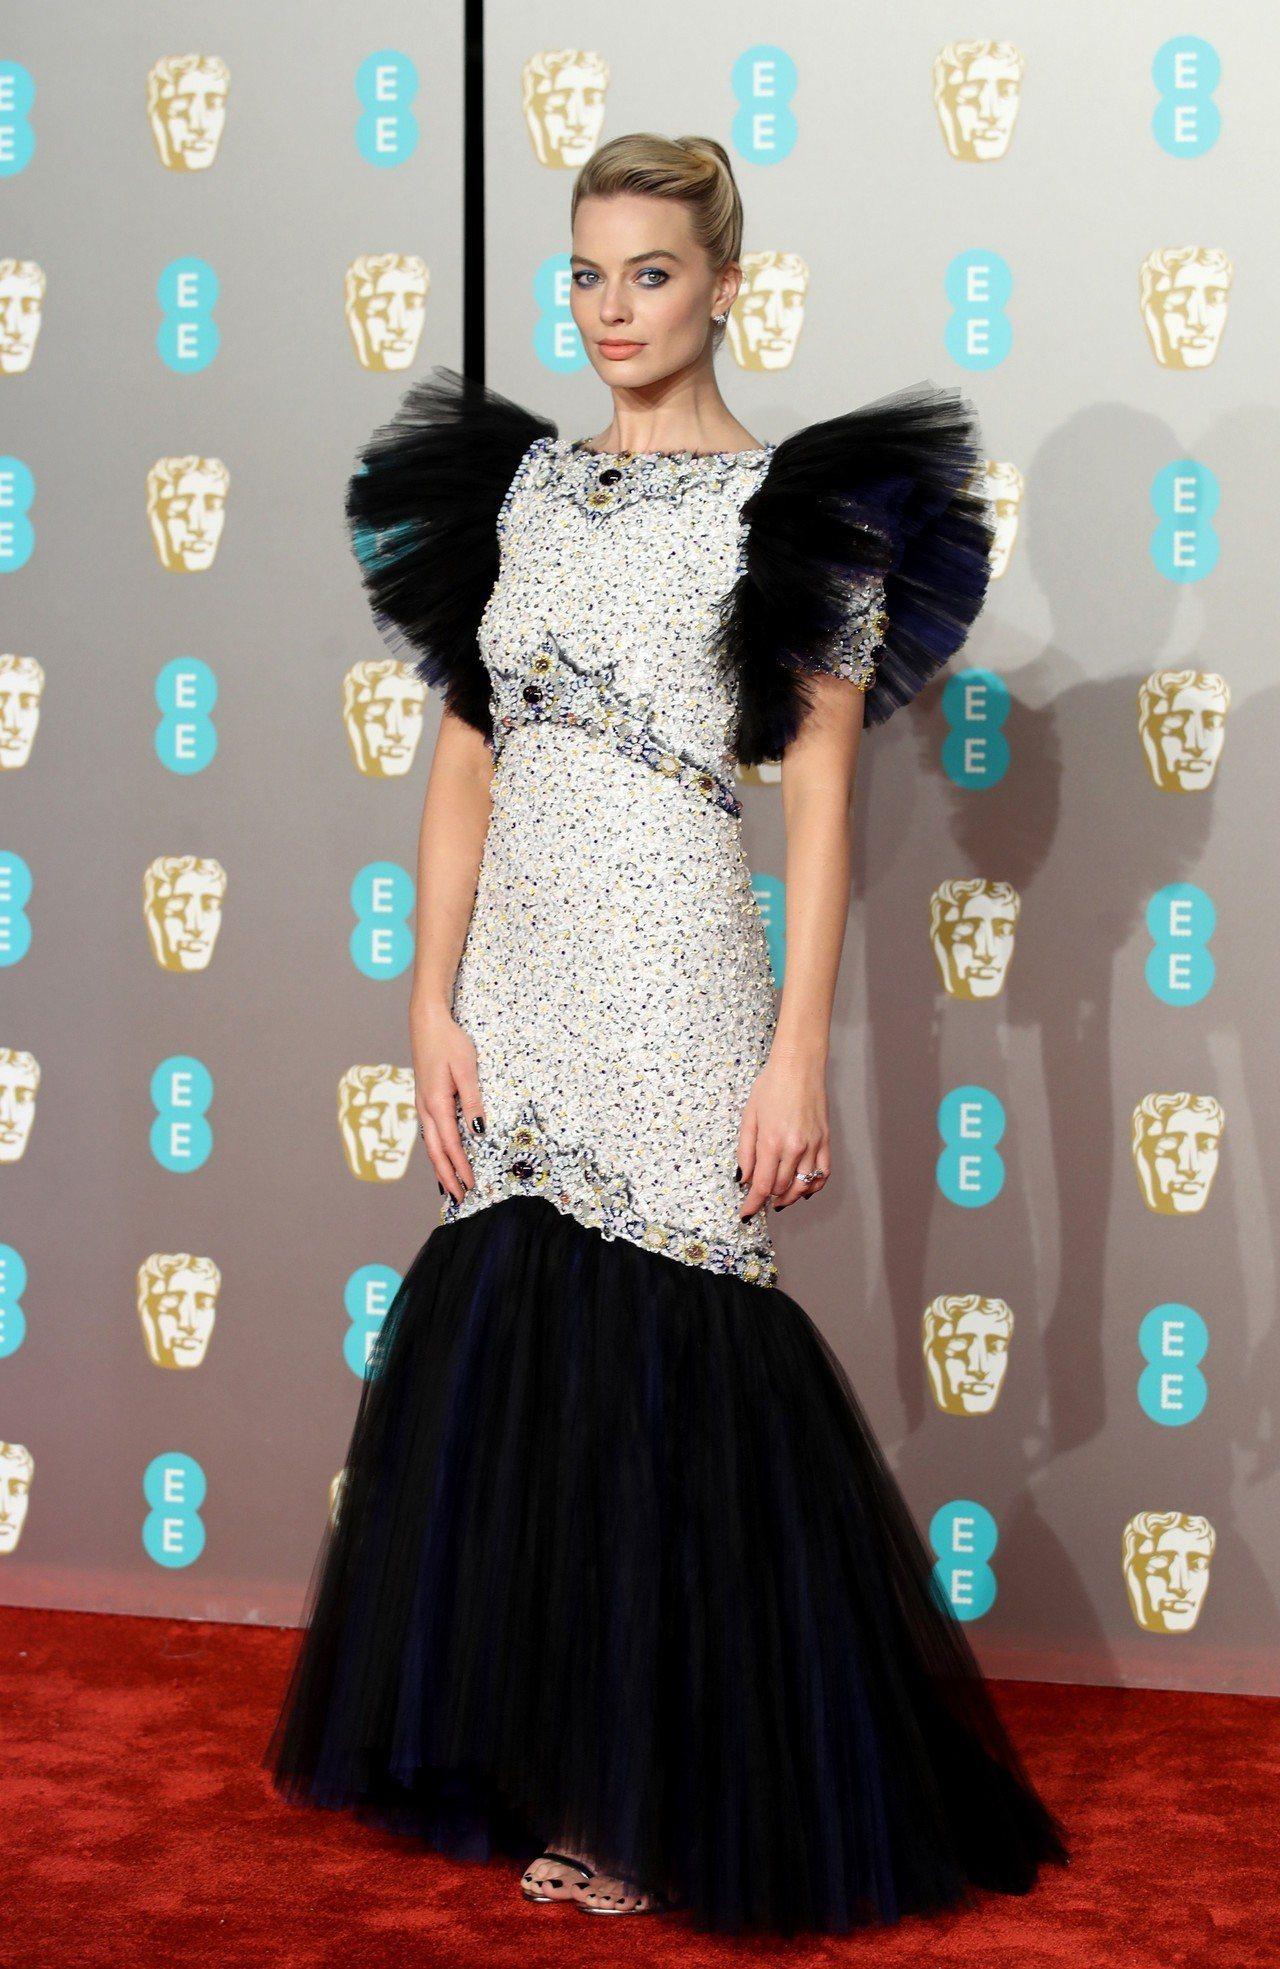 瑪格羅比出席第72屆英國影藝學院電影獎紅毯。圖/香奈兒提供